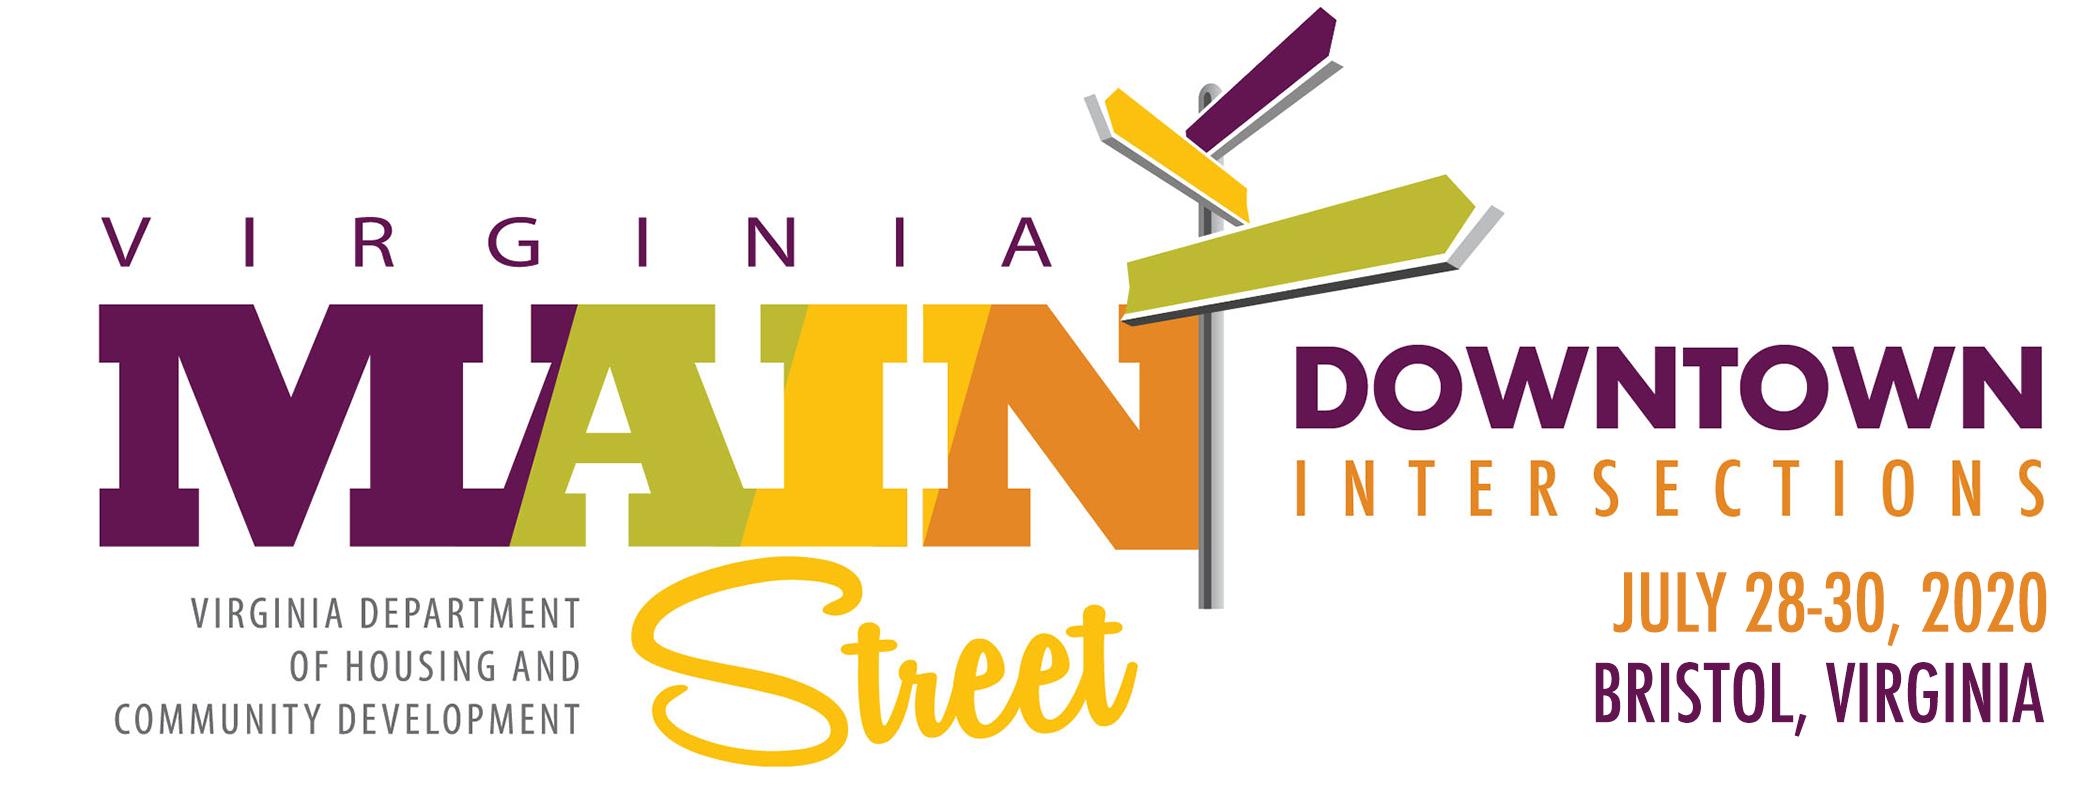 VMS-downtown-logo-bristol